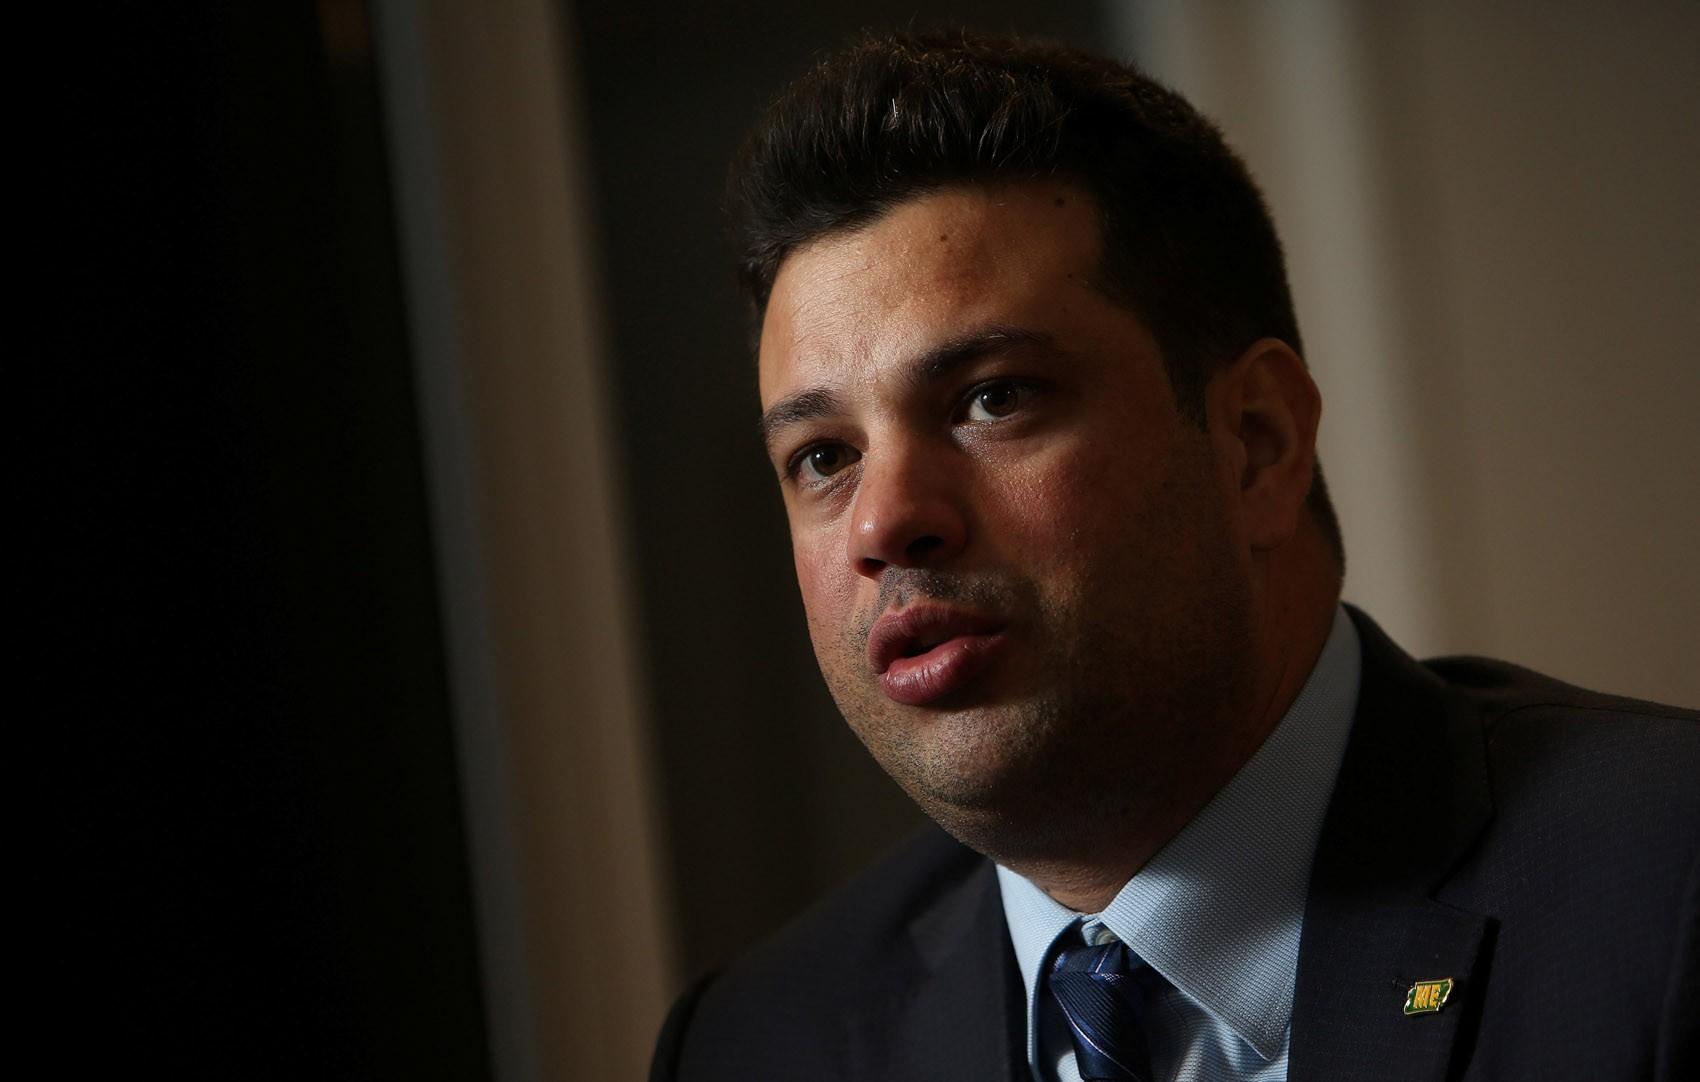 Marqueteiro diz em delação que Leonardo Picciani pediu parcela de contrato de publicidade do Ministério da Saúde